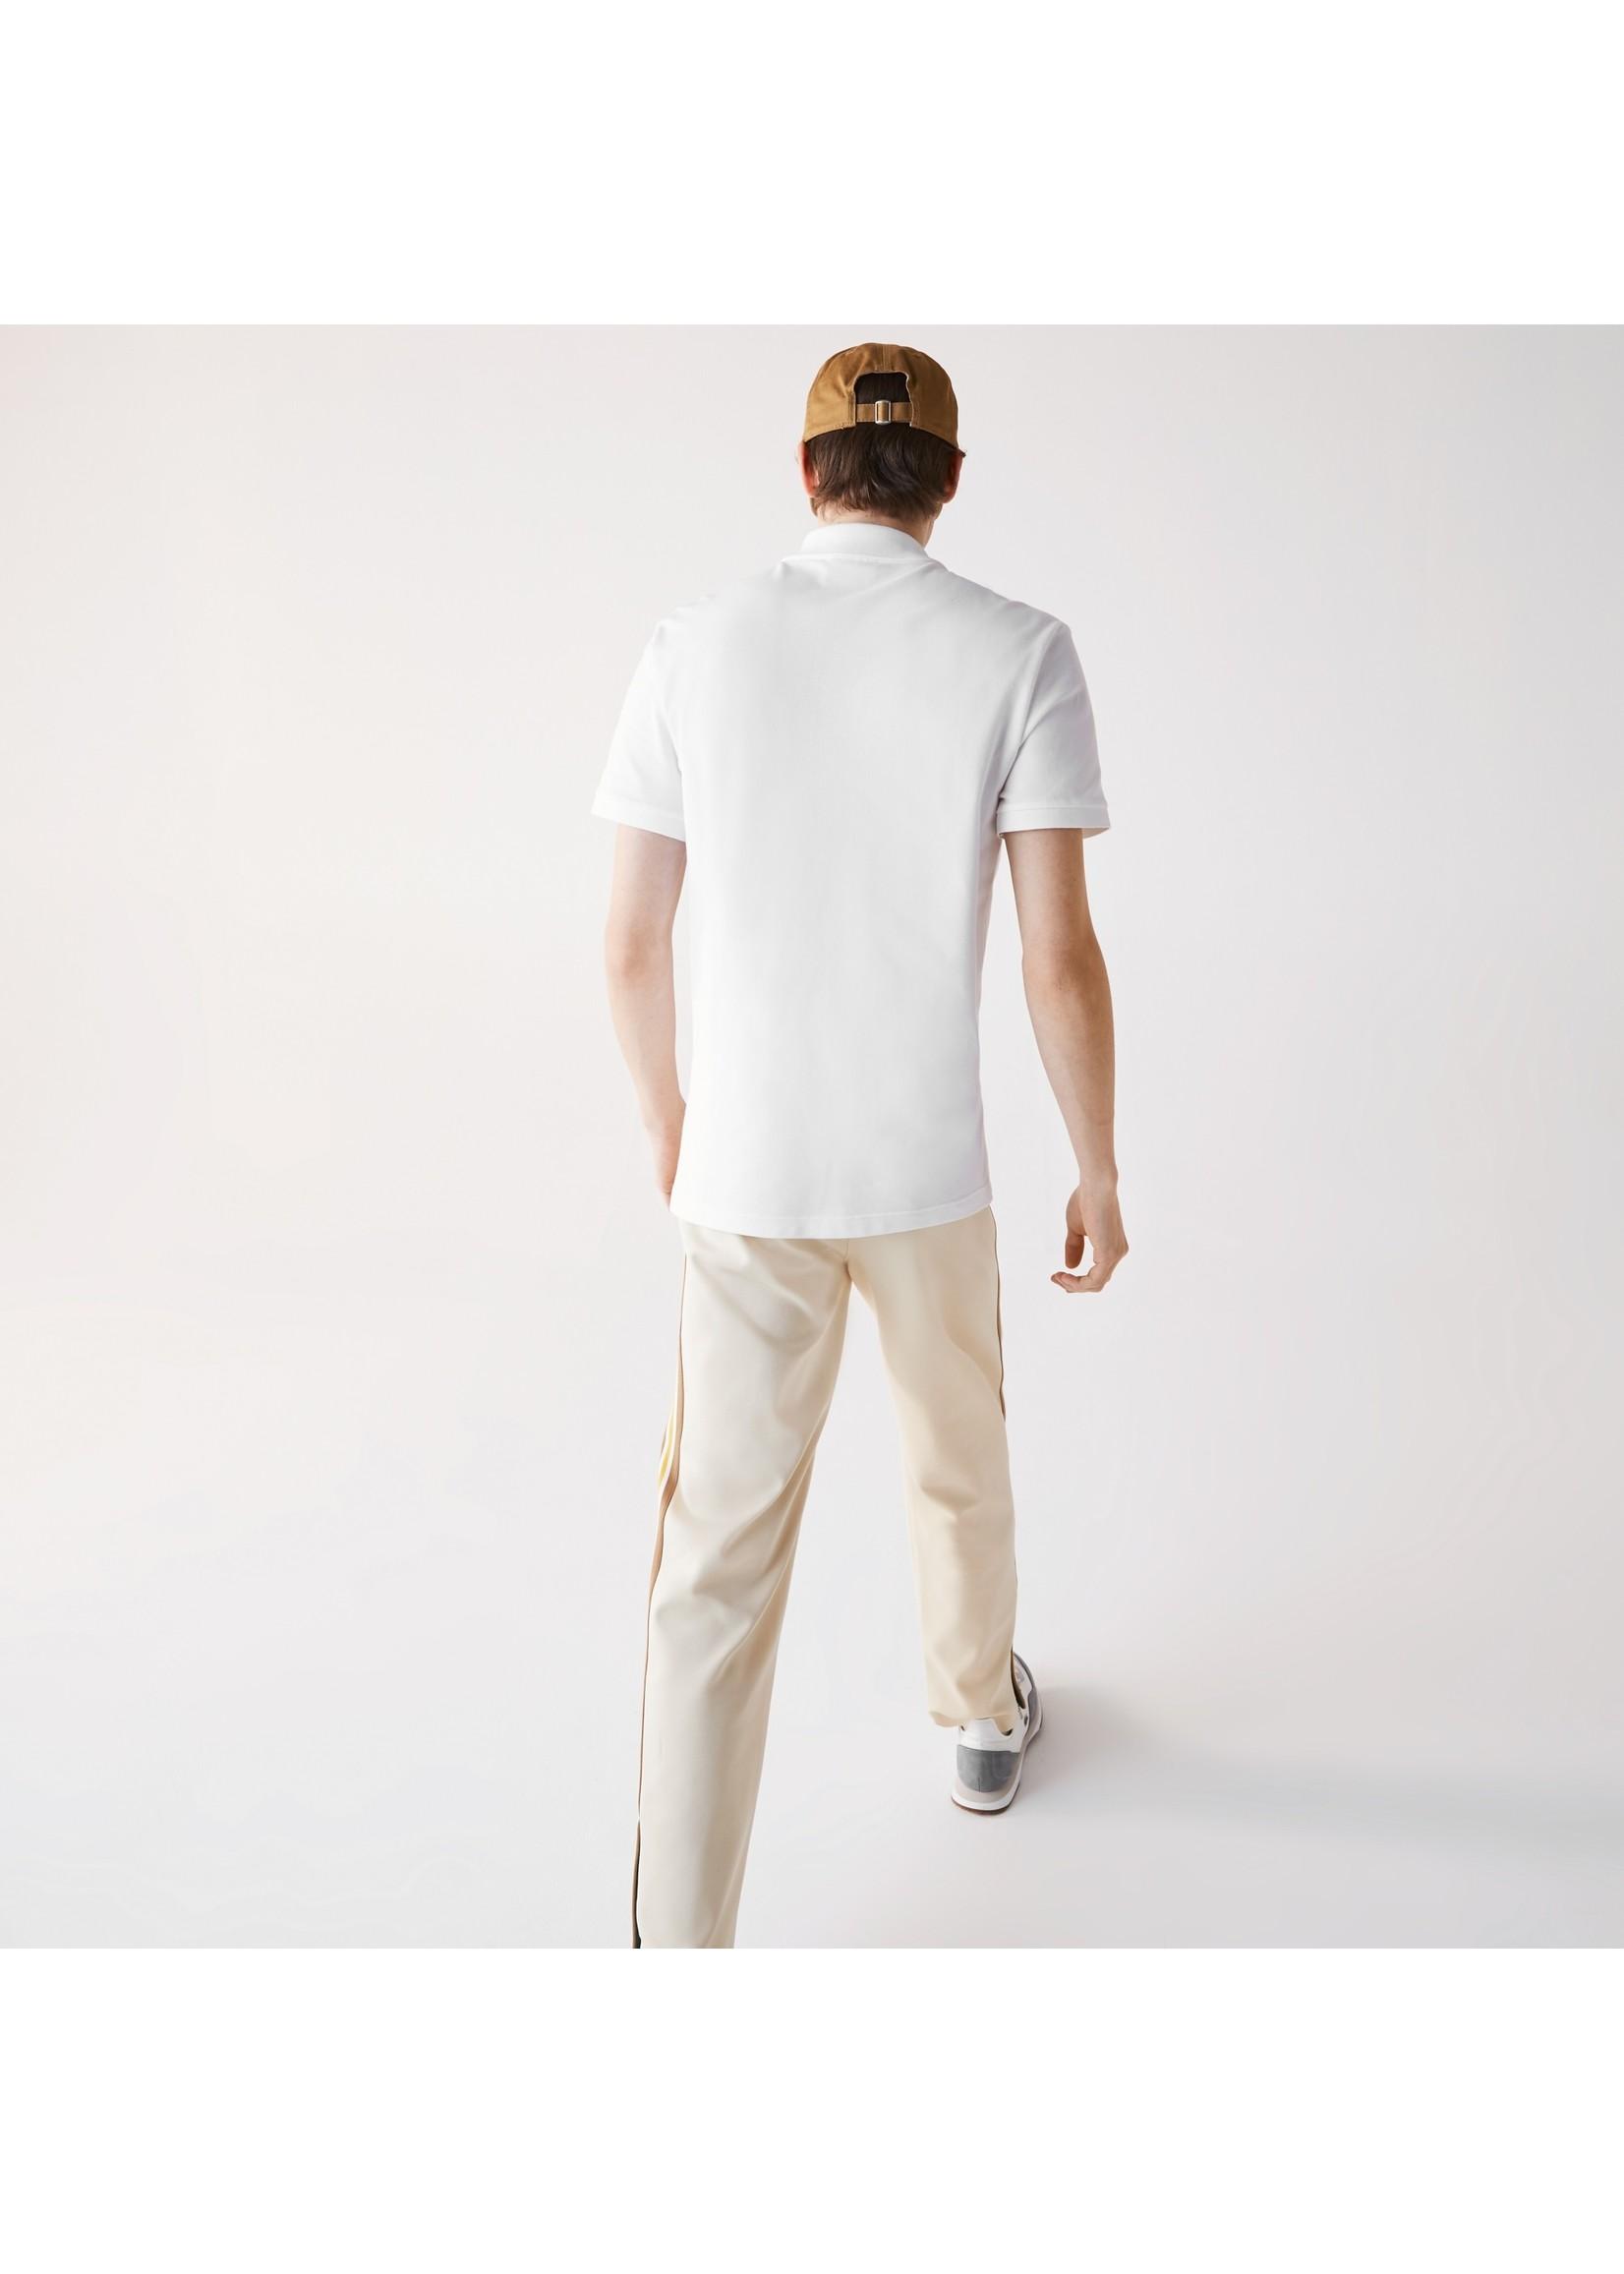 Lacoste stretch polo korte mouw wit